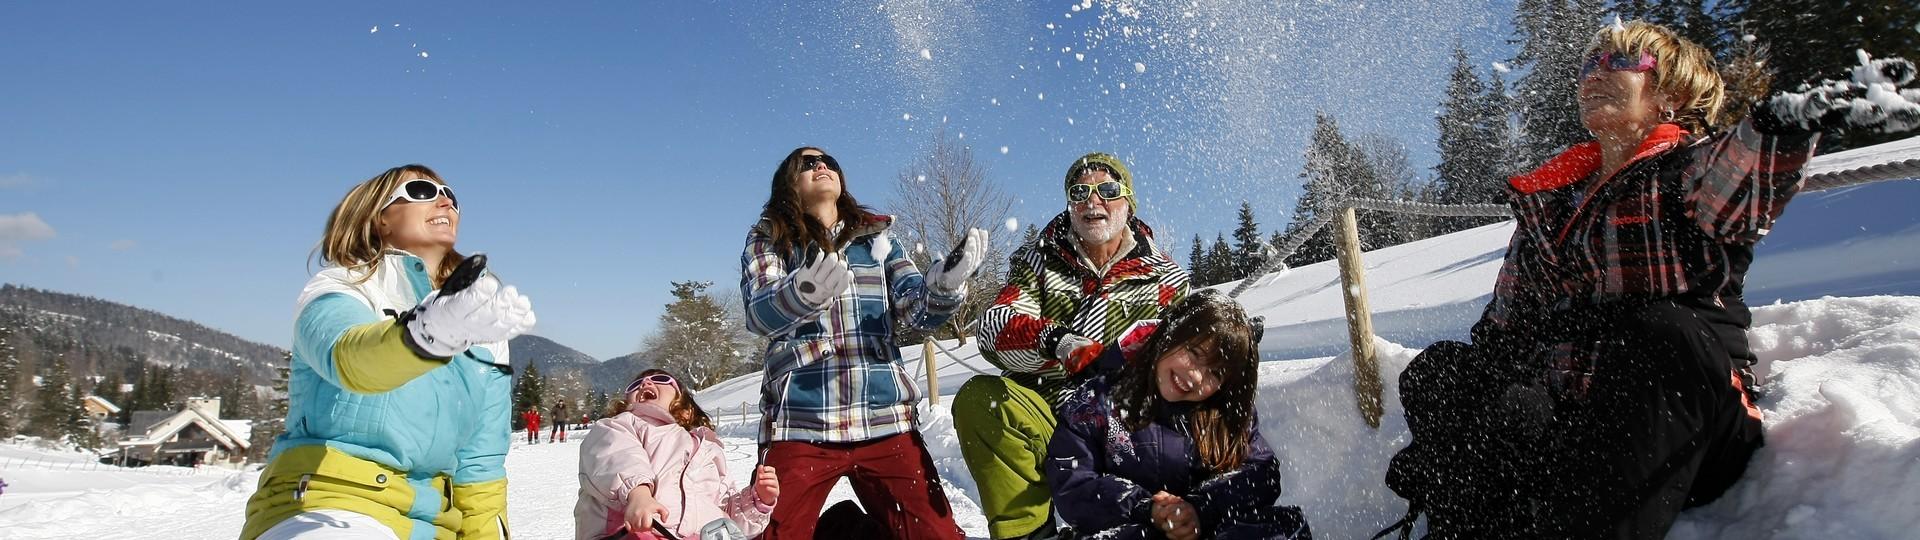 neige2-468